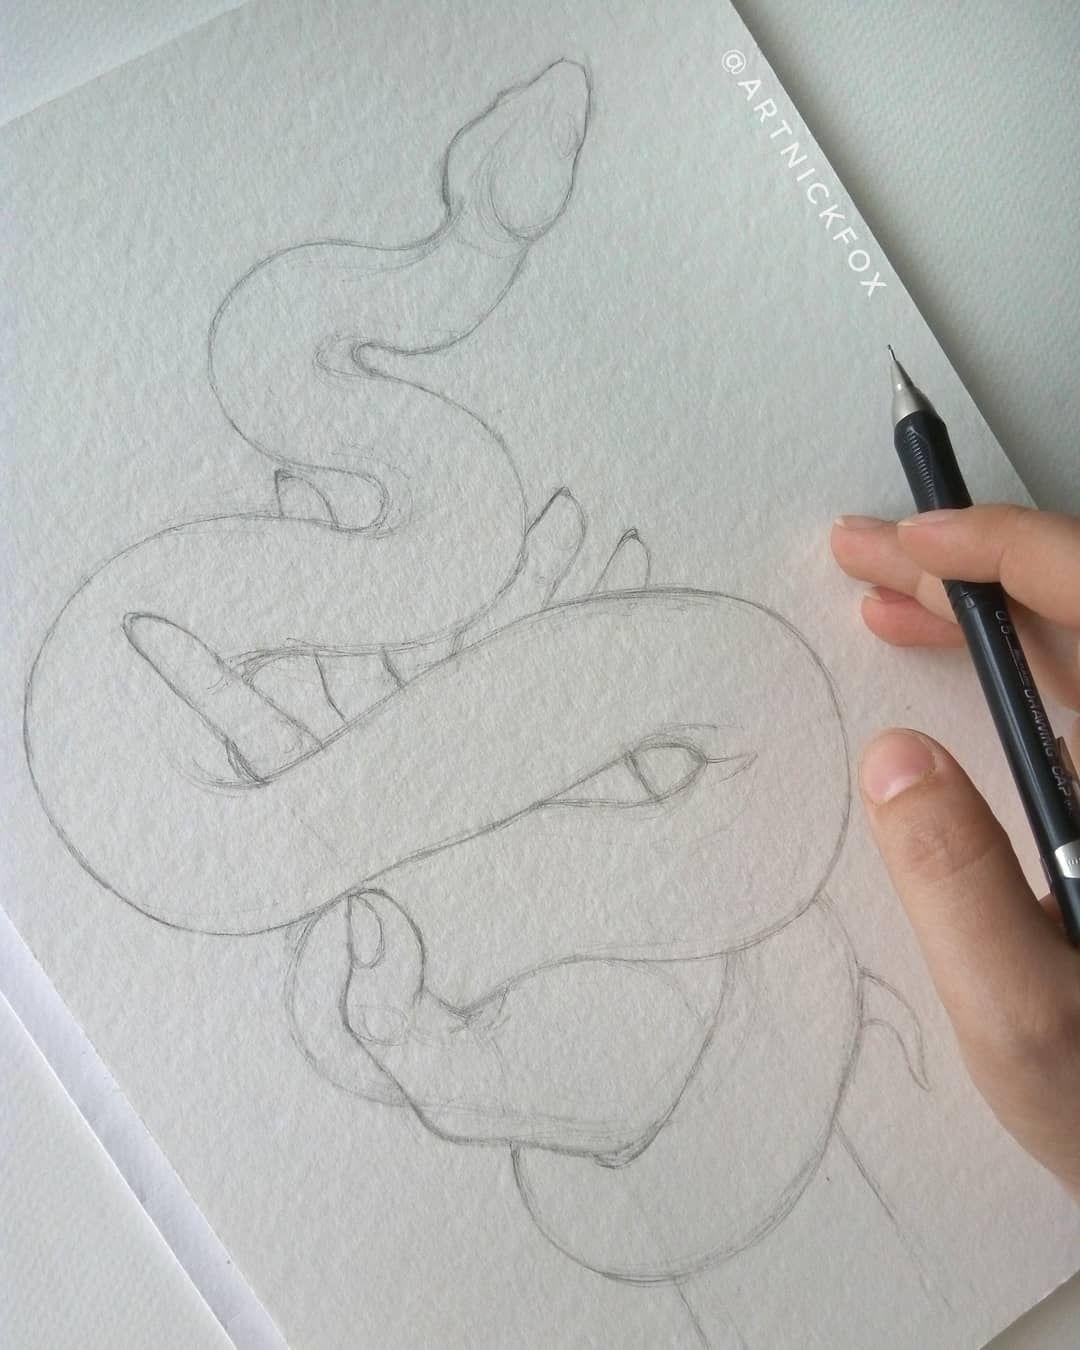 """Mystischer Fuchs """"Aquarellkünstler"""" auf Instagram: """"Es wird ein Video auf ... -  Mystischer Fuchs """"Aquarellkünstler"""" auf Instagram: """"Es wird ein Video auf …,  #Künstler # - #aquarellkunstler #Artists #auf #Ceramics #Ein #FashionTrends #fuchs #HandEmbroidery #HandEmbroideryPatterns #instagram #mystischer #Pottery #RunwayFashion #video #wird #Women'sStreetStyle"""